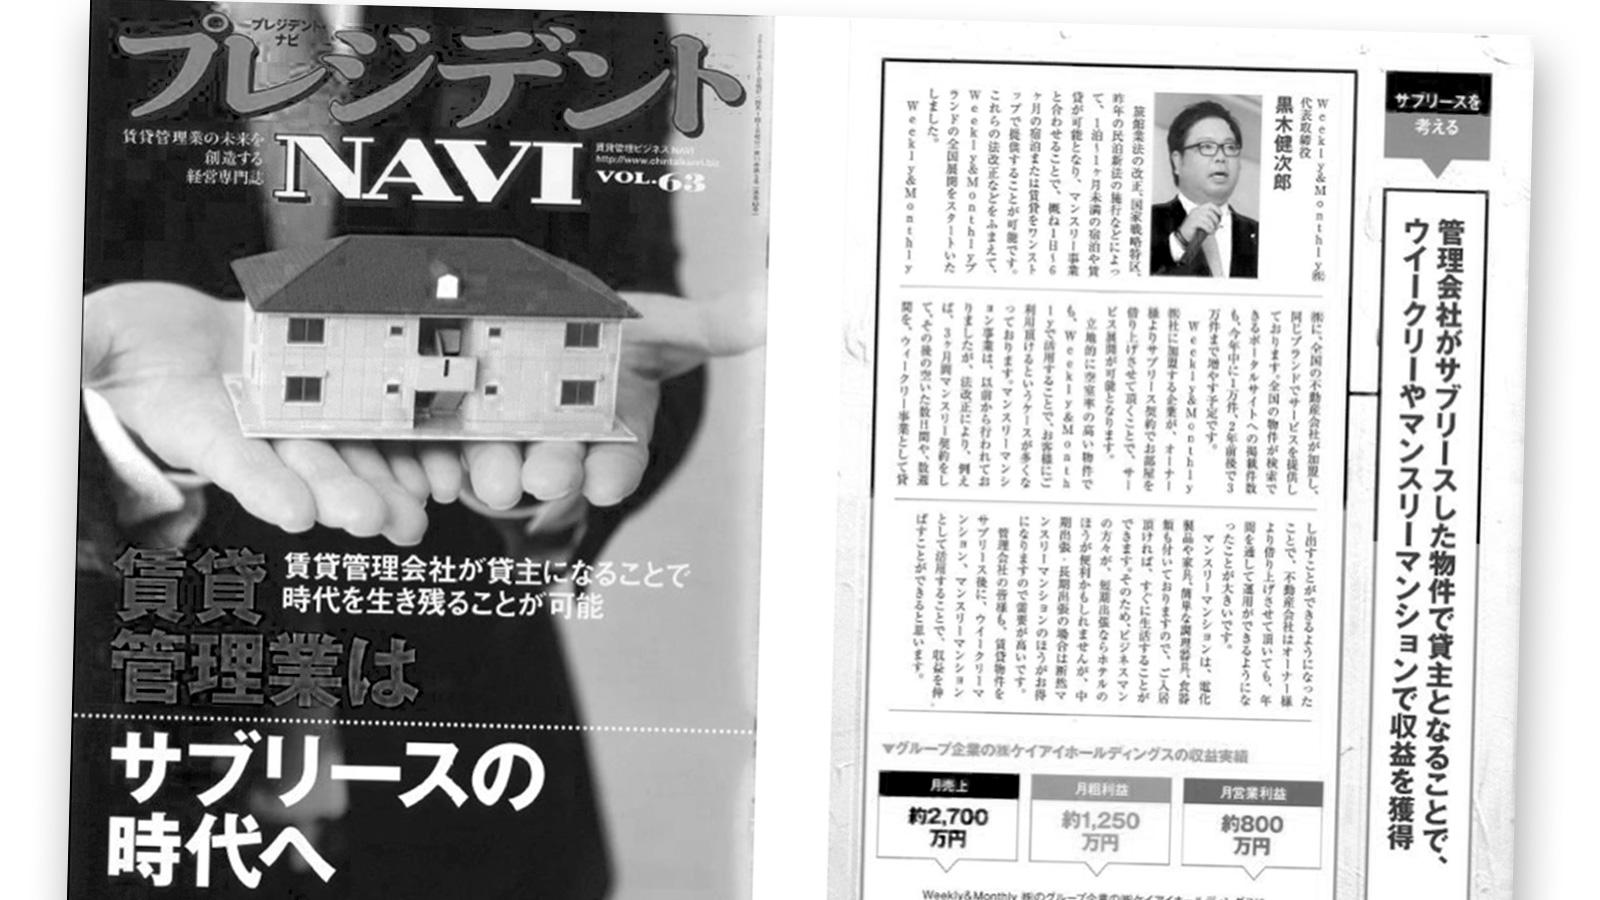 【メディア掲載】プレジデントNAVIに当社代表の取材記事を掲載いただきました